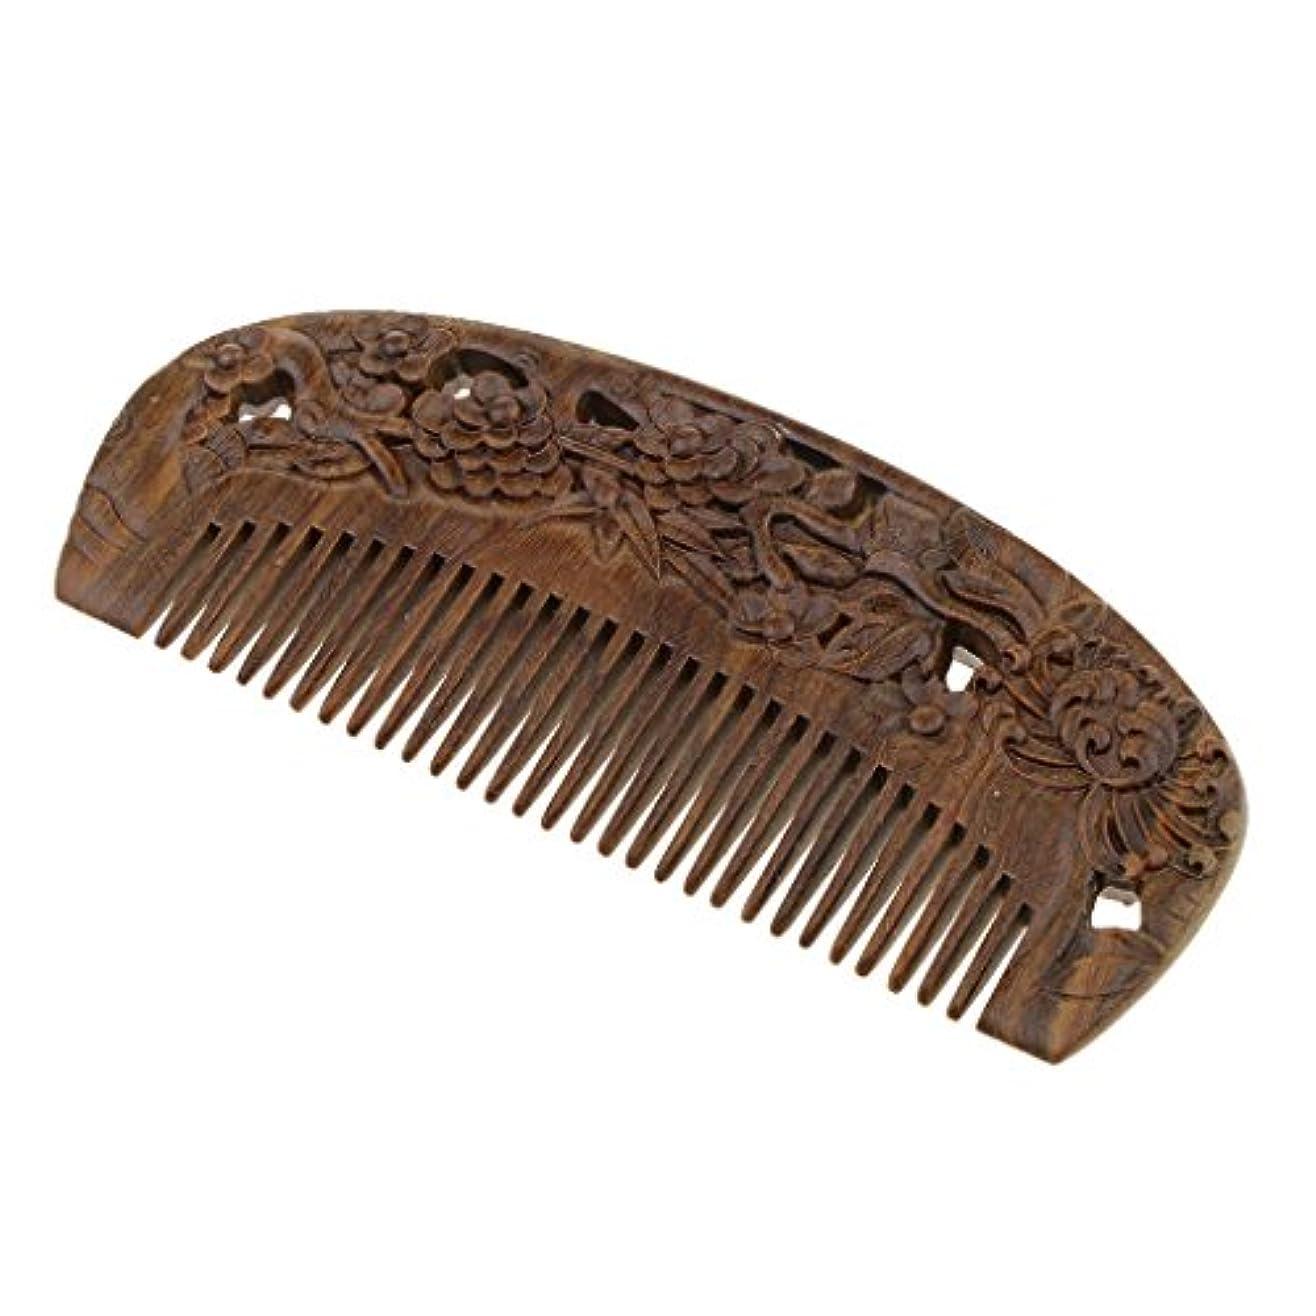 バイアススプーンわずかにT TOOYFUL 木製櫛 木製コーム ウッドコーム ワイド歯 ヘアブラシ 頭皮マッサージ 静電防止 全2種類 - #2